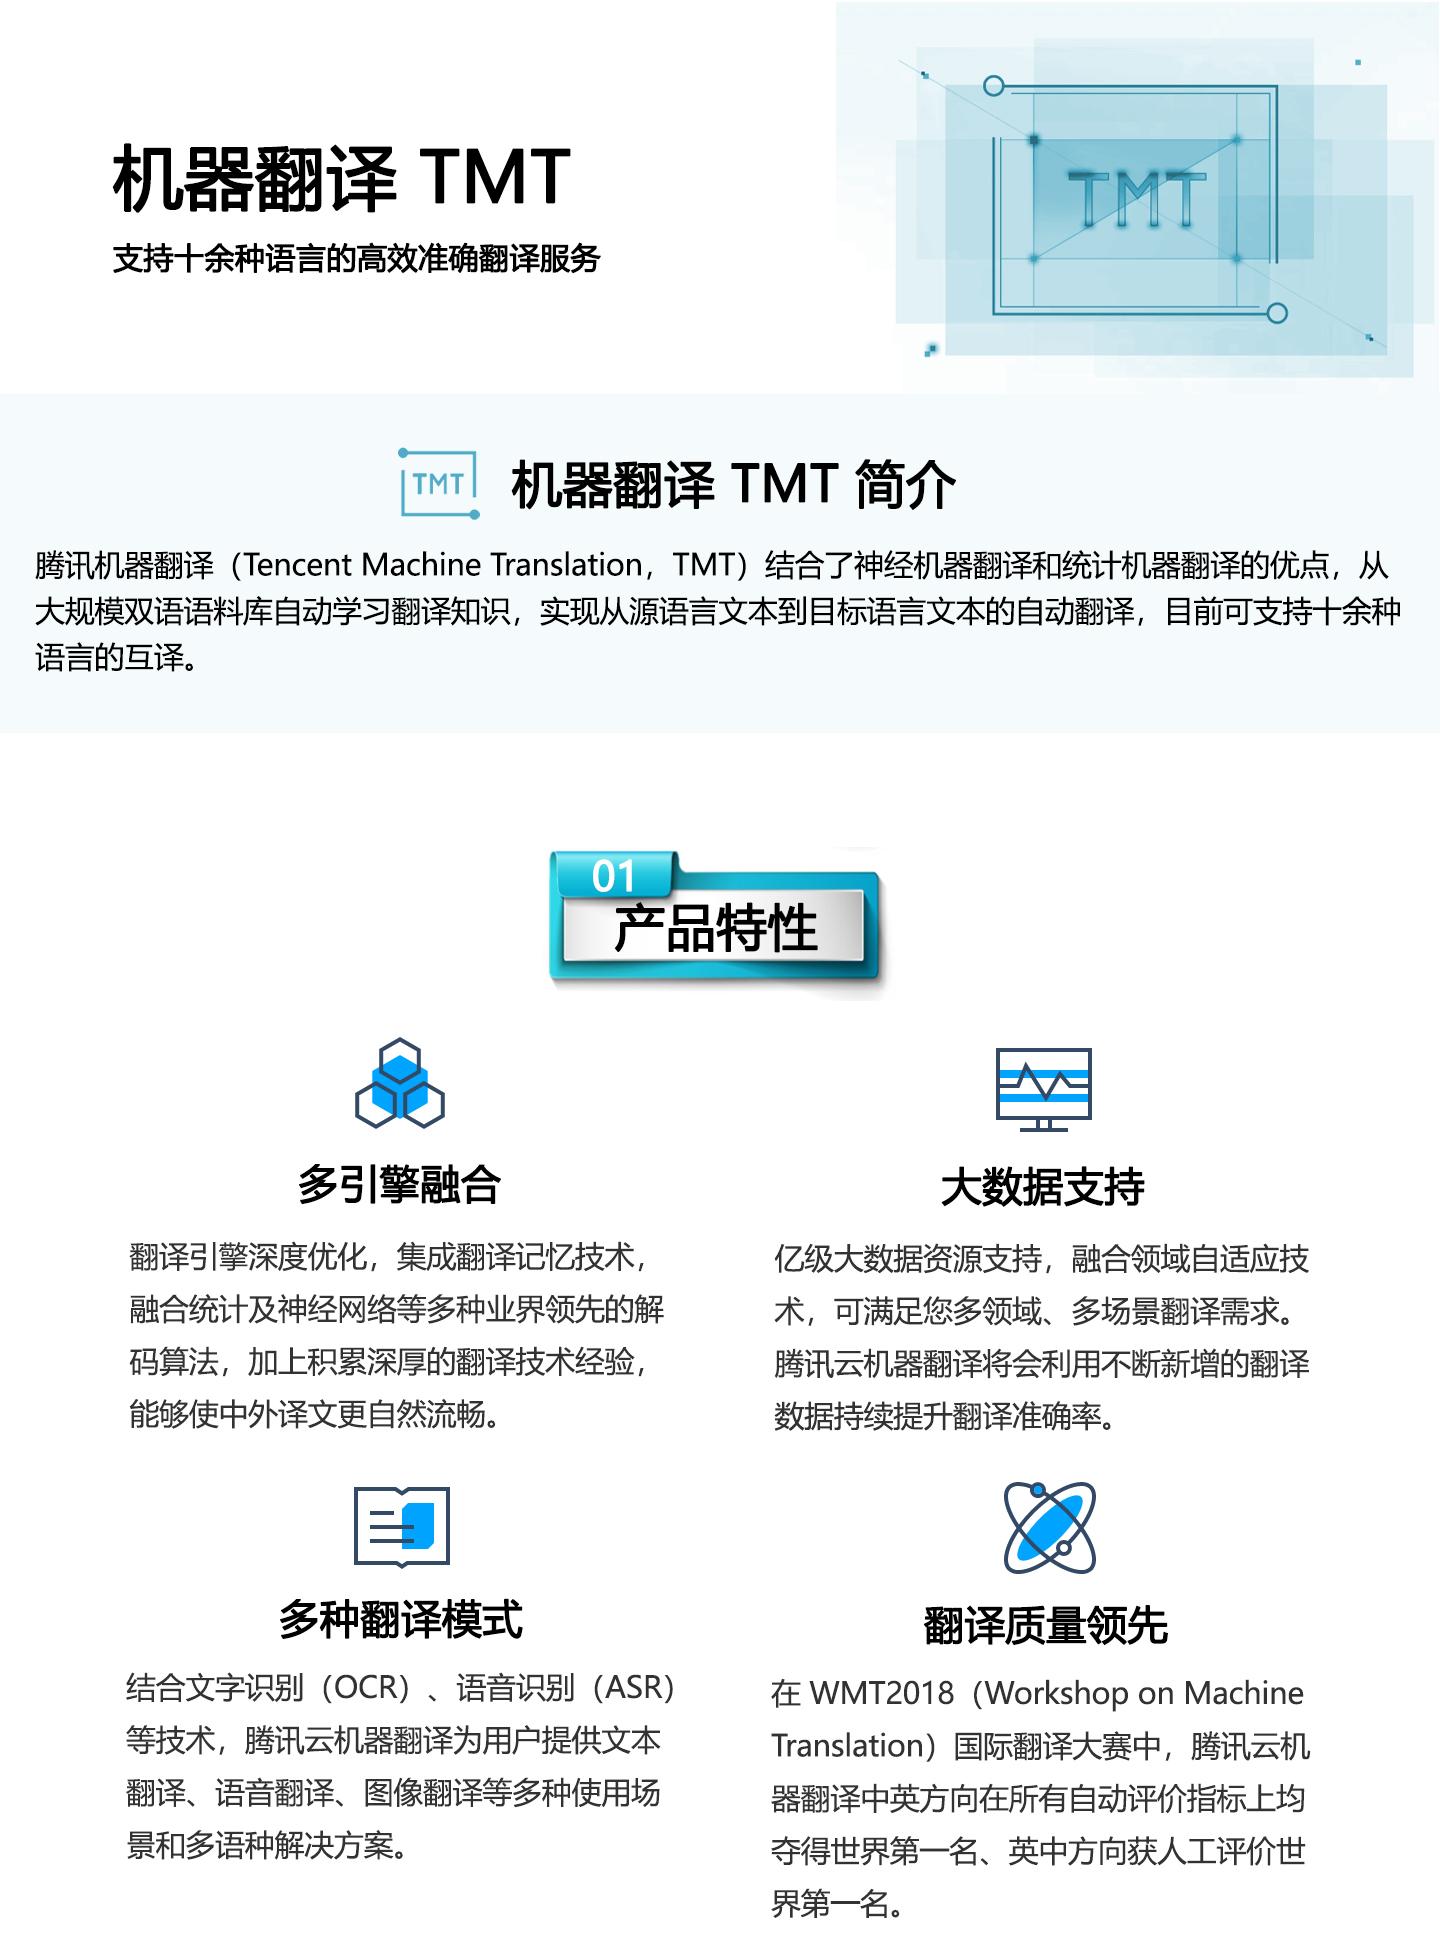 机器翻译-TMT-1440_01.jpg